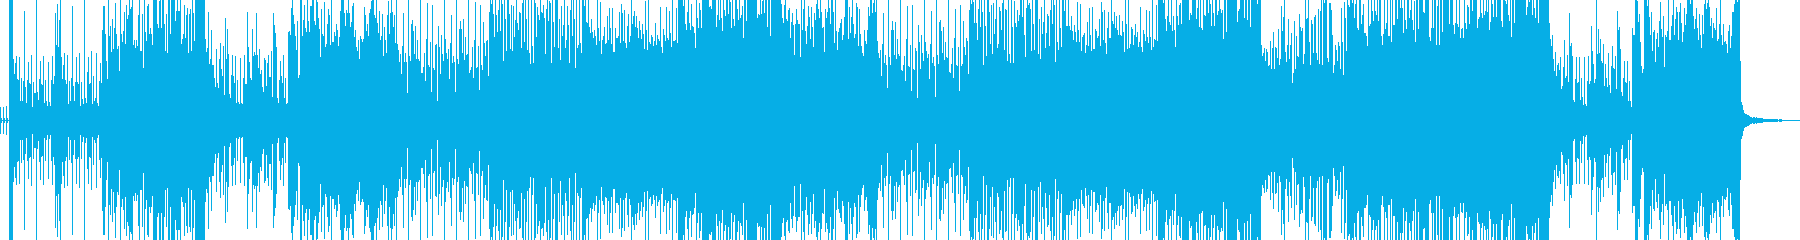 和太鼓と琴のUPテンポな【和風】ロックの再生済みの波形